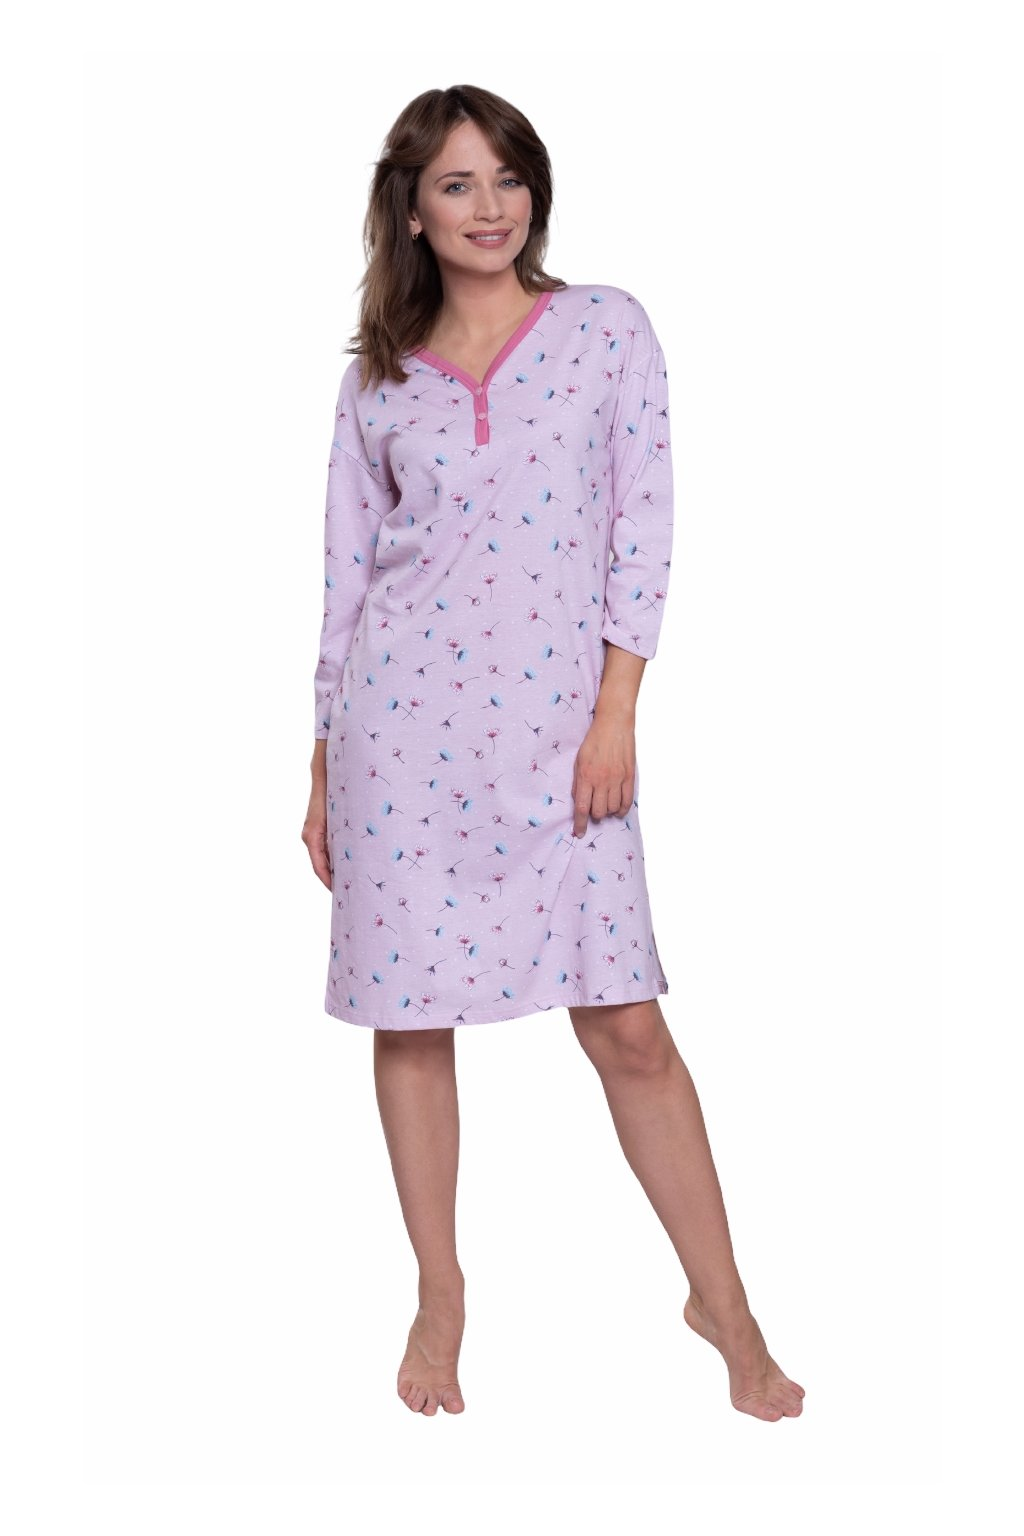 Dámská noční košile s 3/4 rukávem, 104568 225, růžová